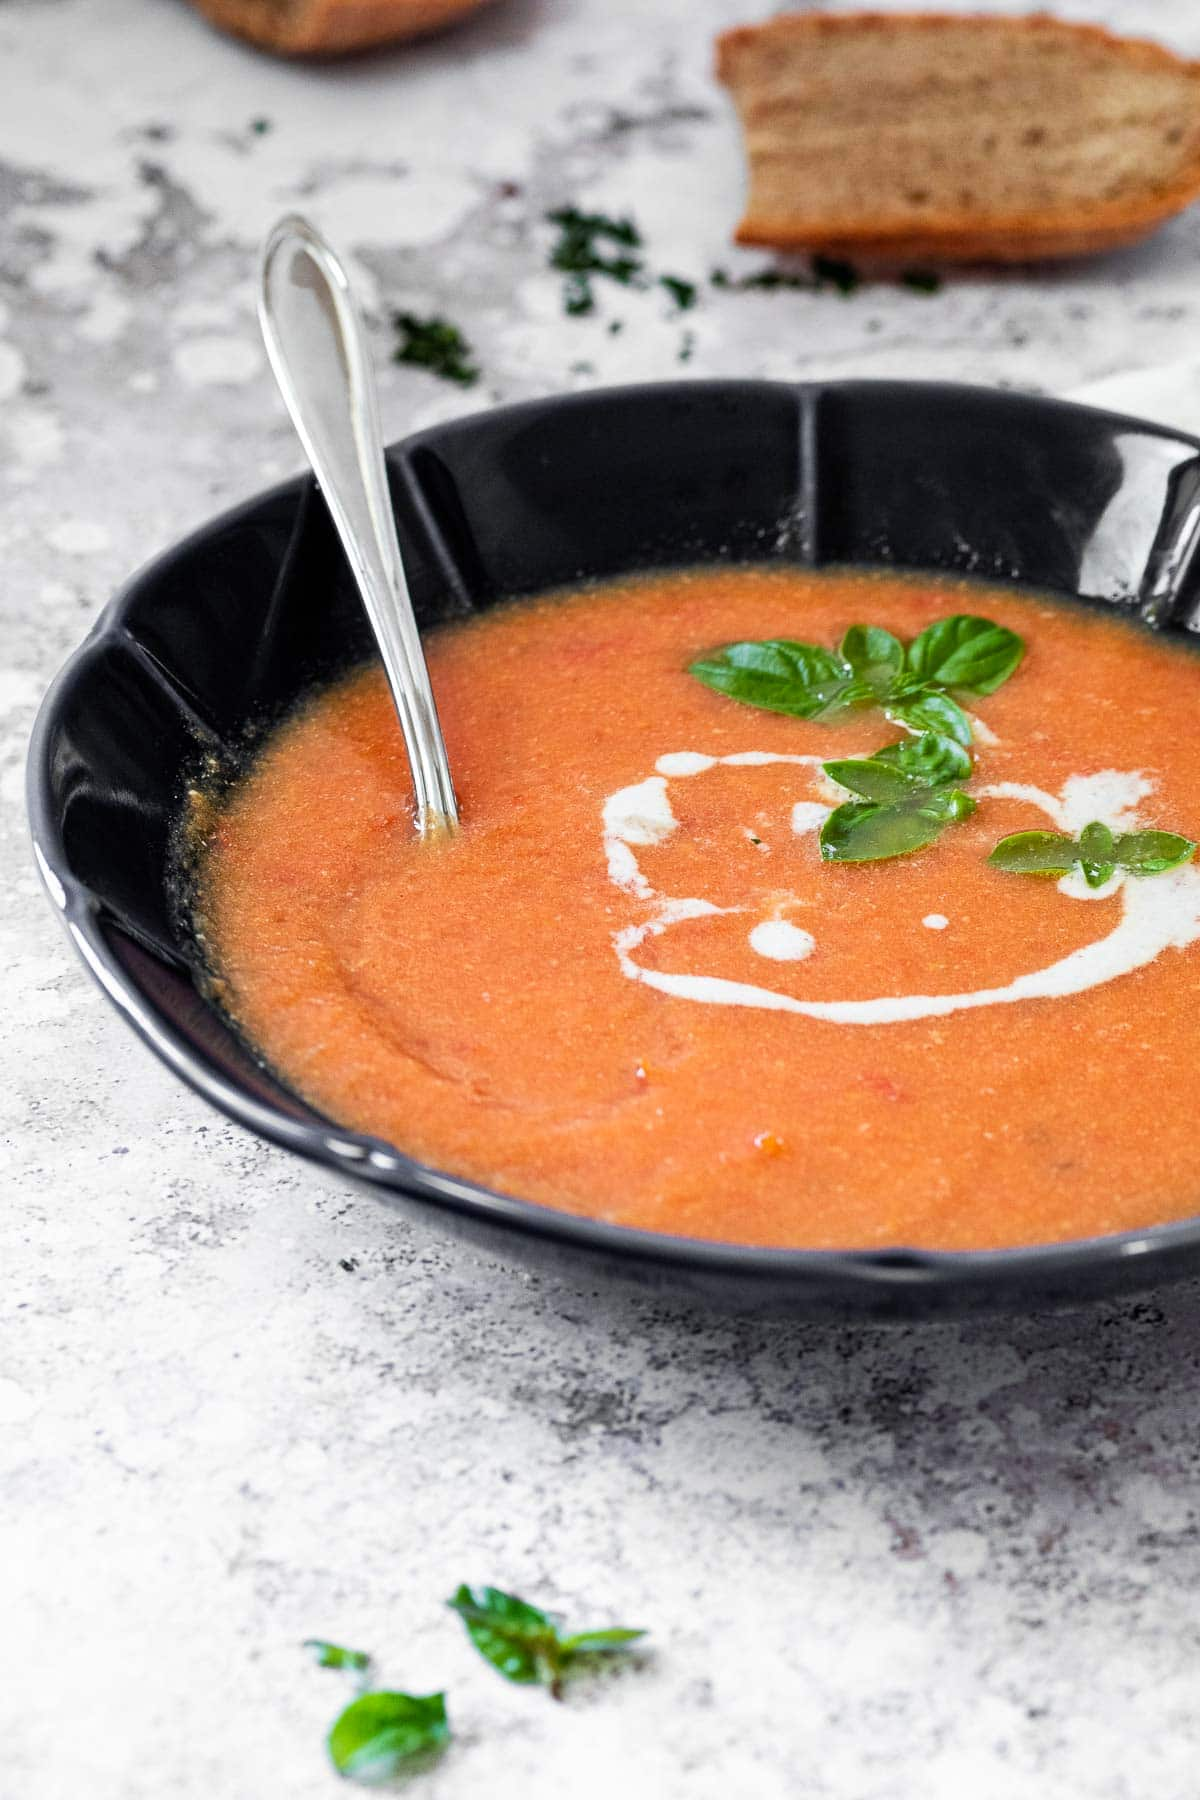 Schwarze Schüssel mit milchfreier Tomatensuppe und einem Löffel zum Essen.